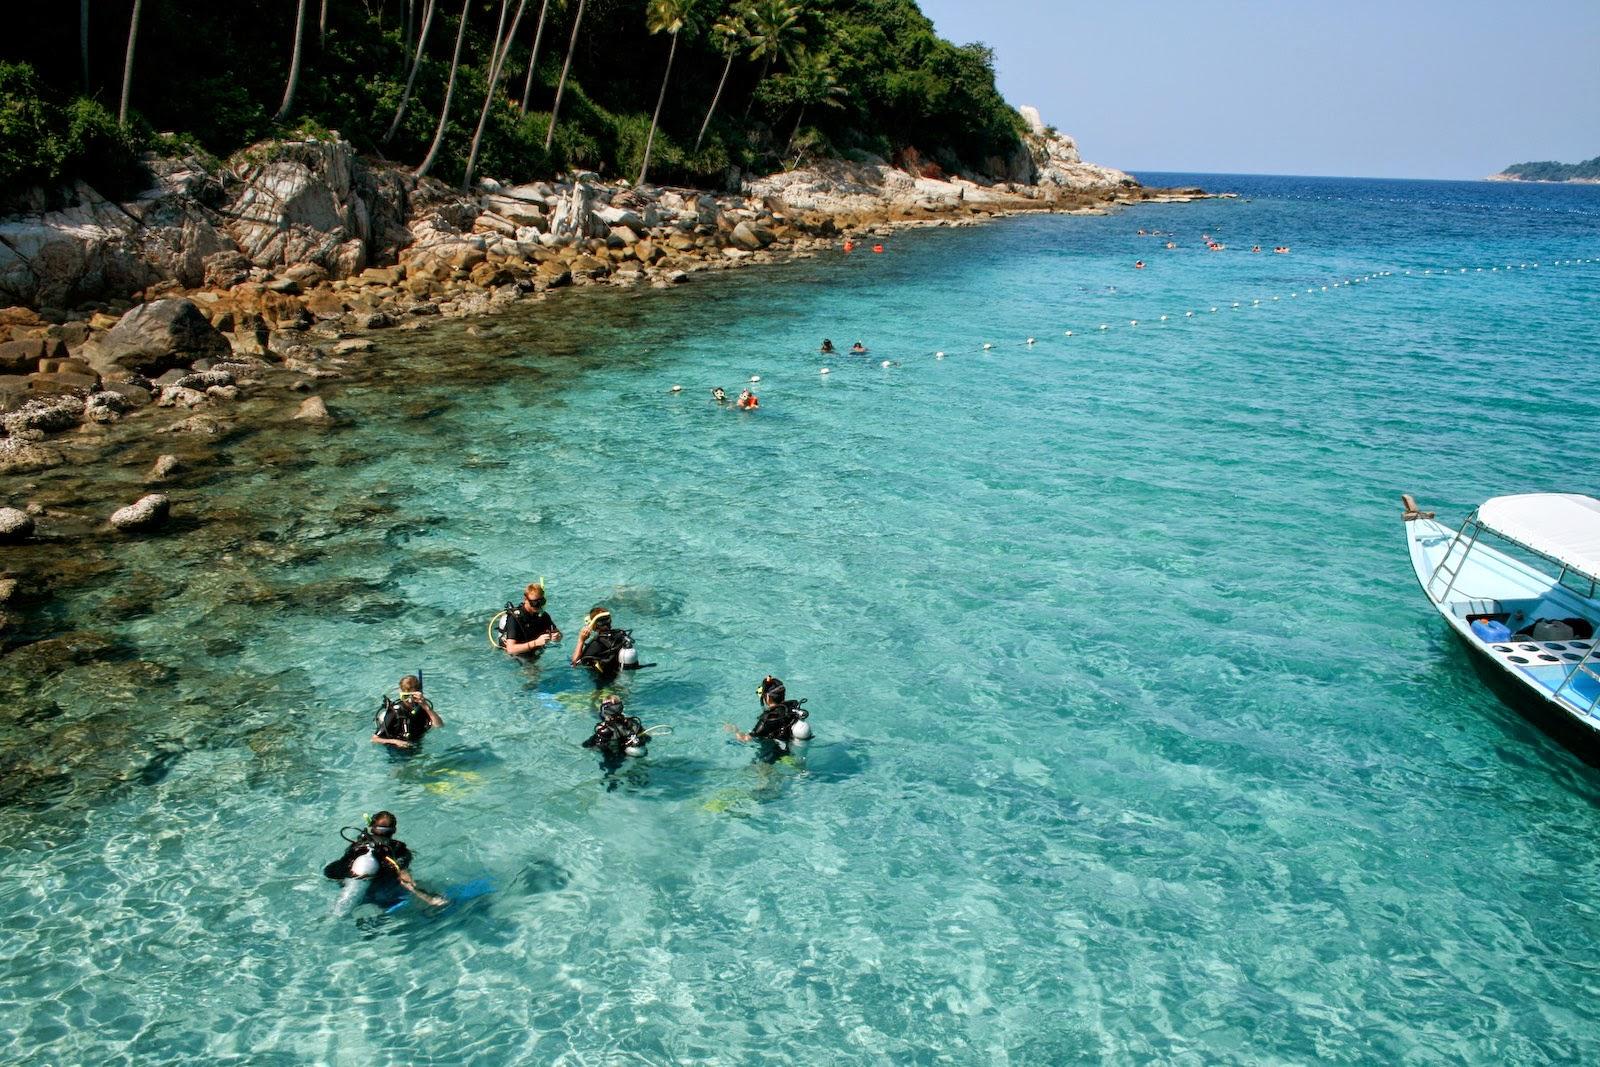 Senarai Tempat Pelancongan Menarik Di Terengganu Malaysia Www Sobriyaacob